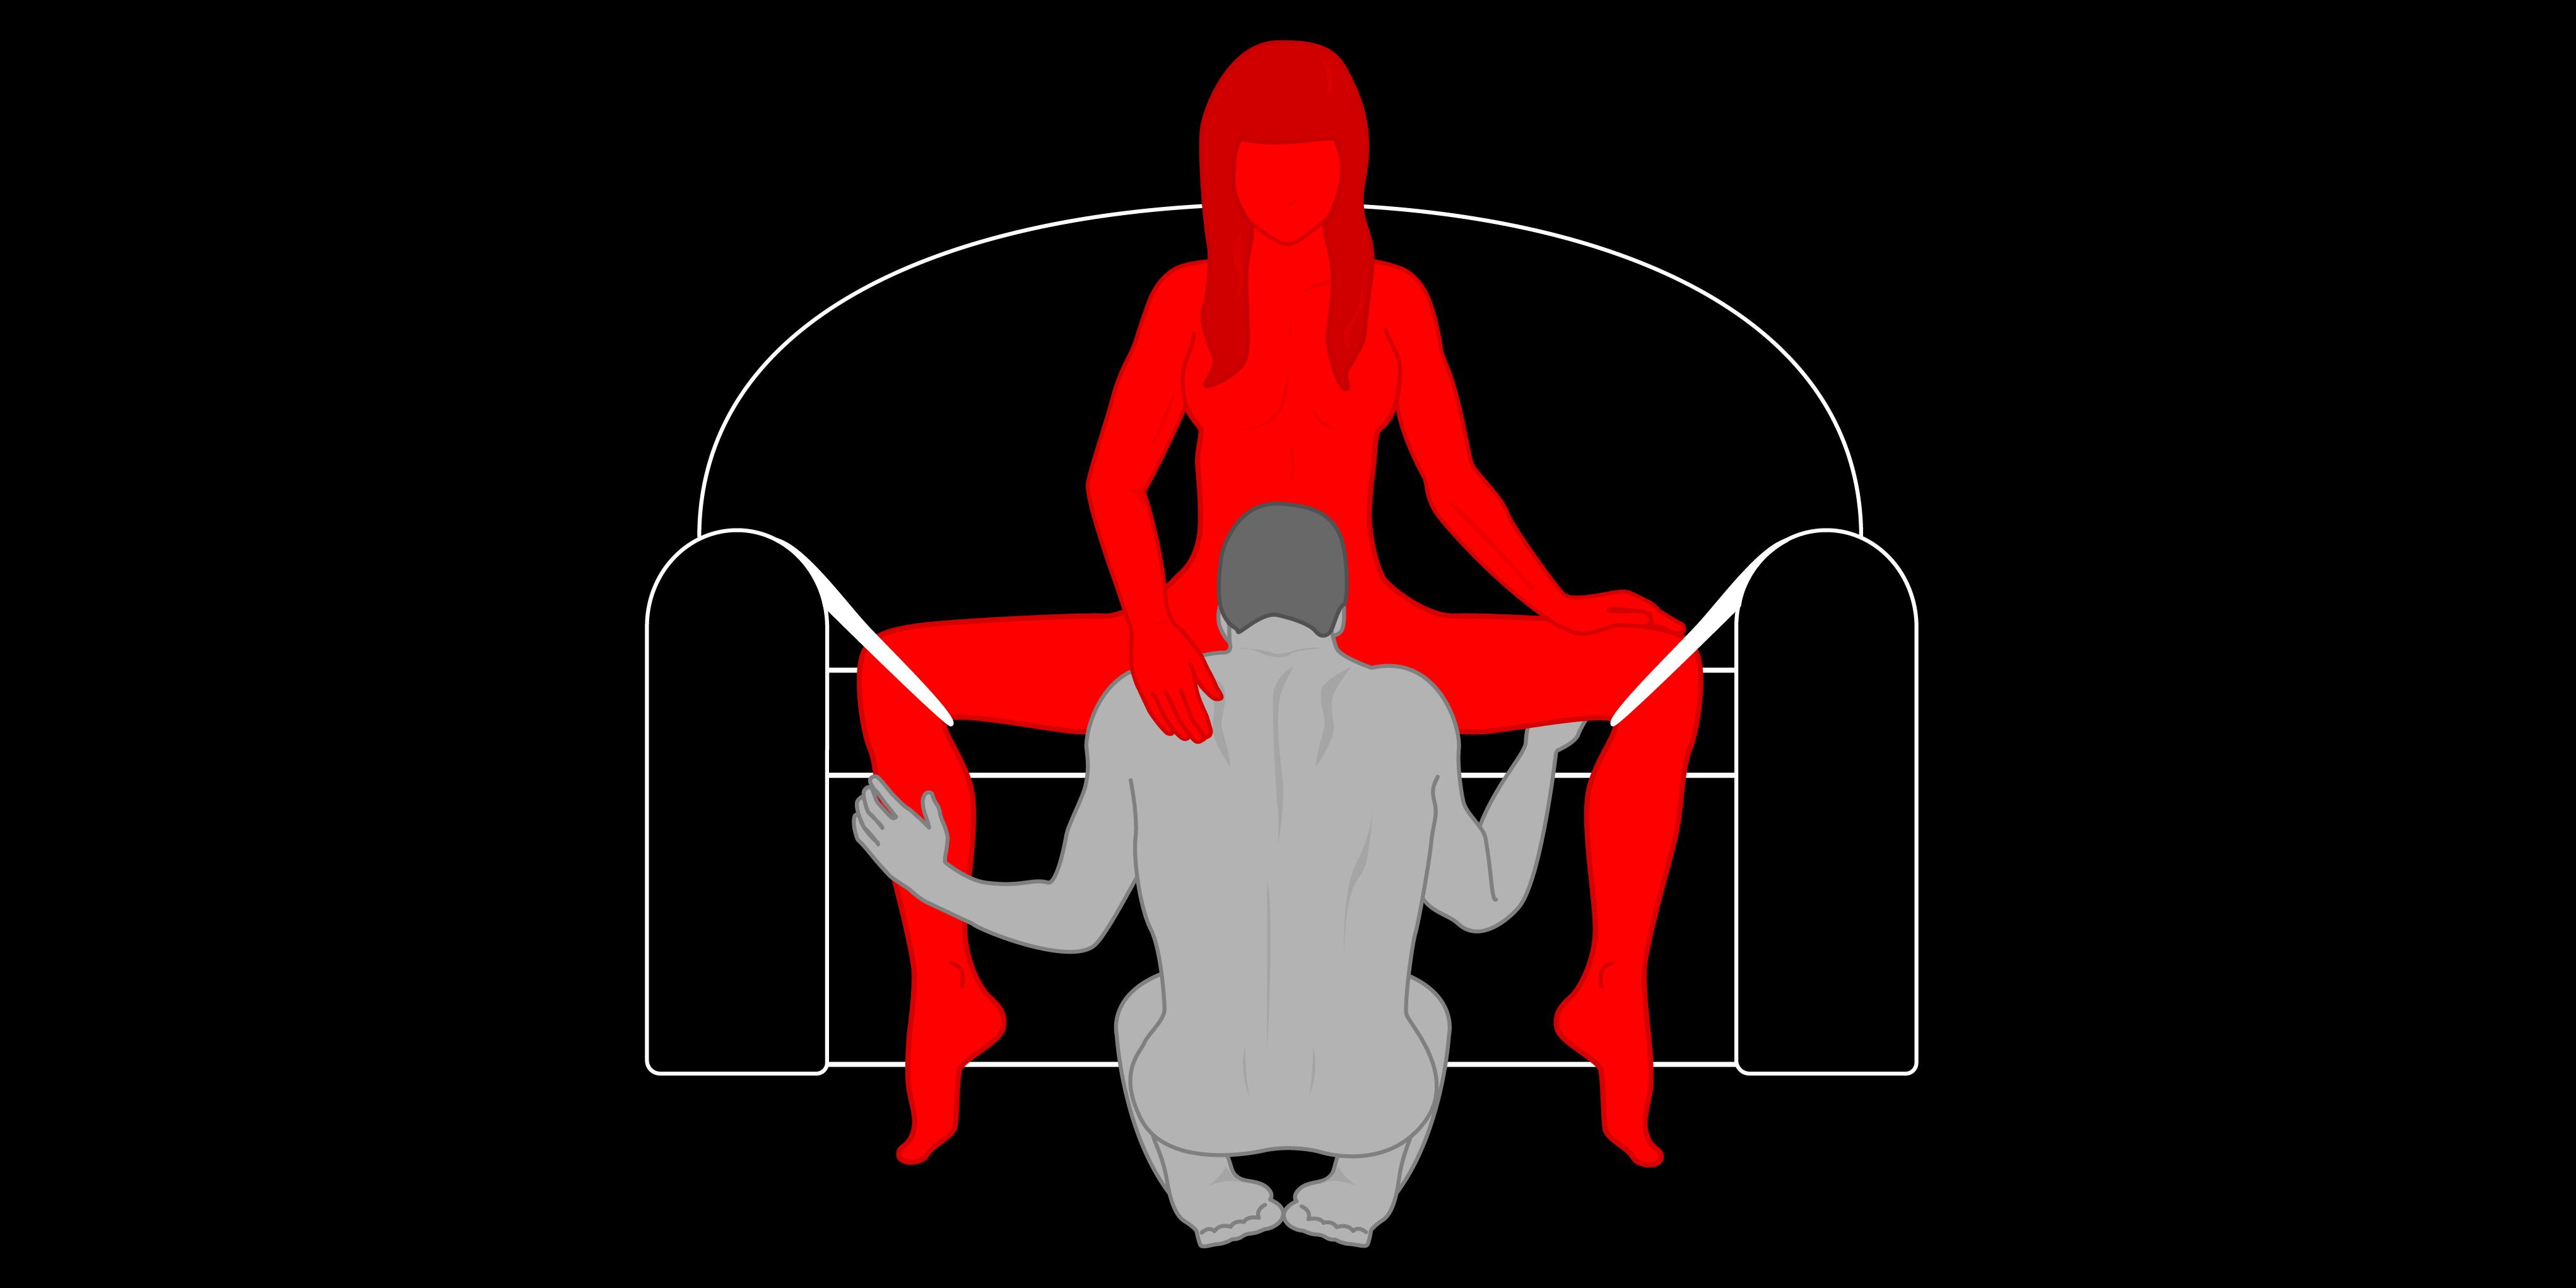 Peyton roi list nude fakes